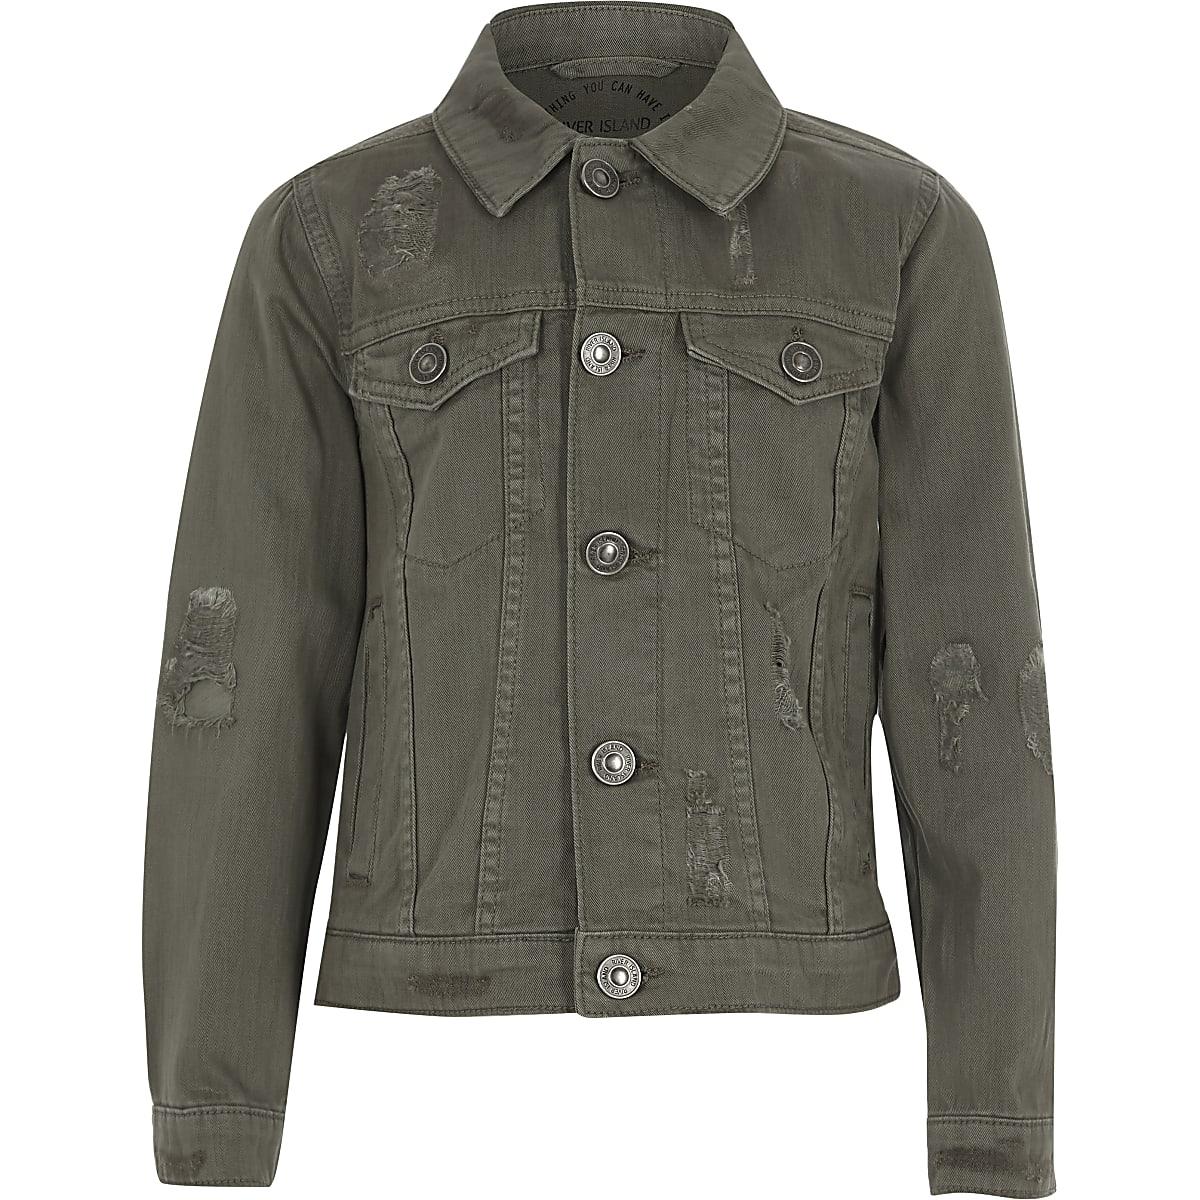 Boys khaki denim trucker jacket